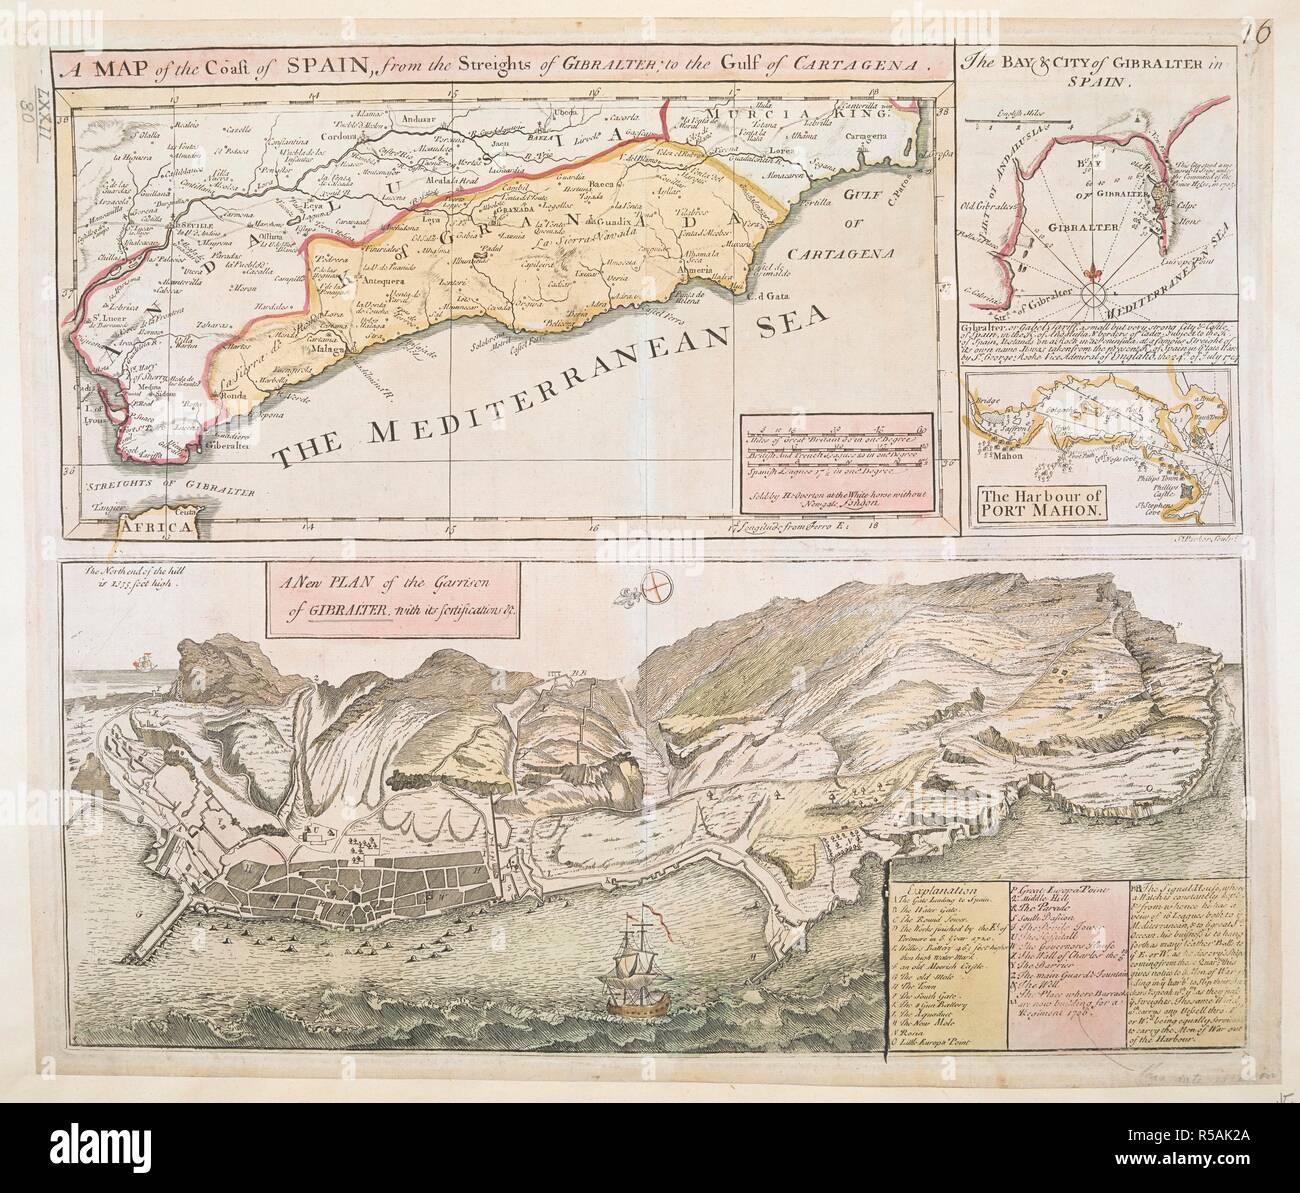 Spanien Karte Küsten.Eine Karte Der Küste Von Spanien Und Zwei Einsätze Mit Soundings